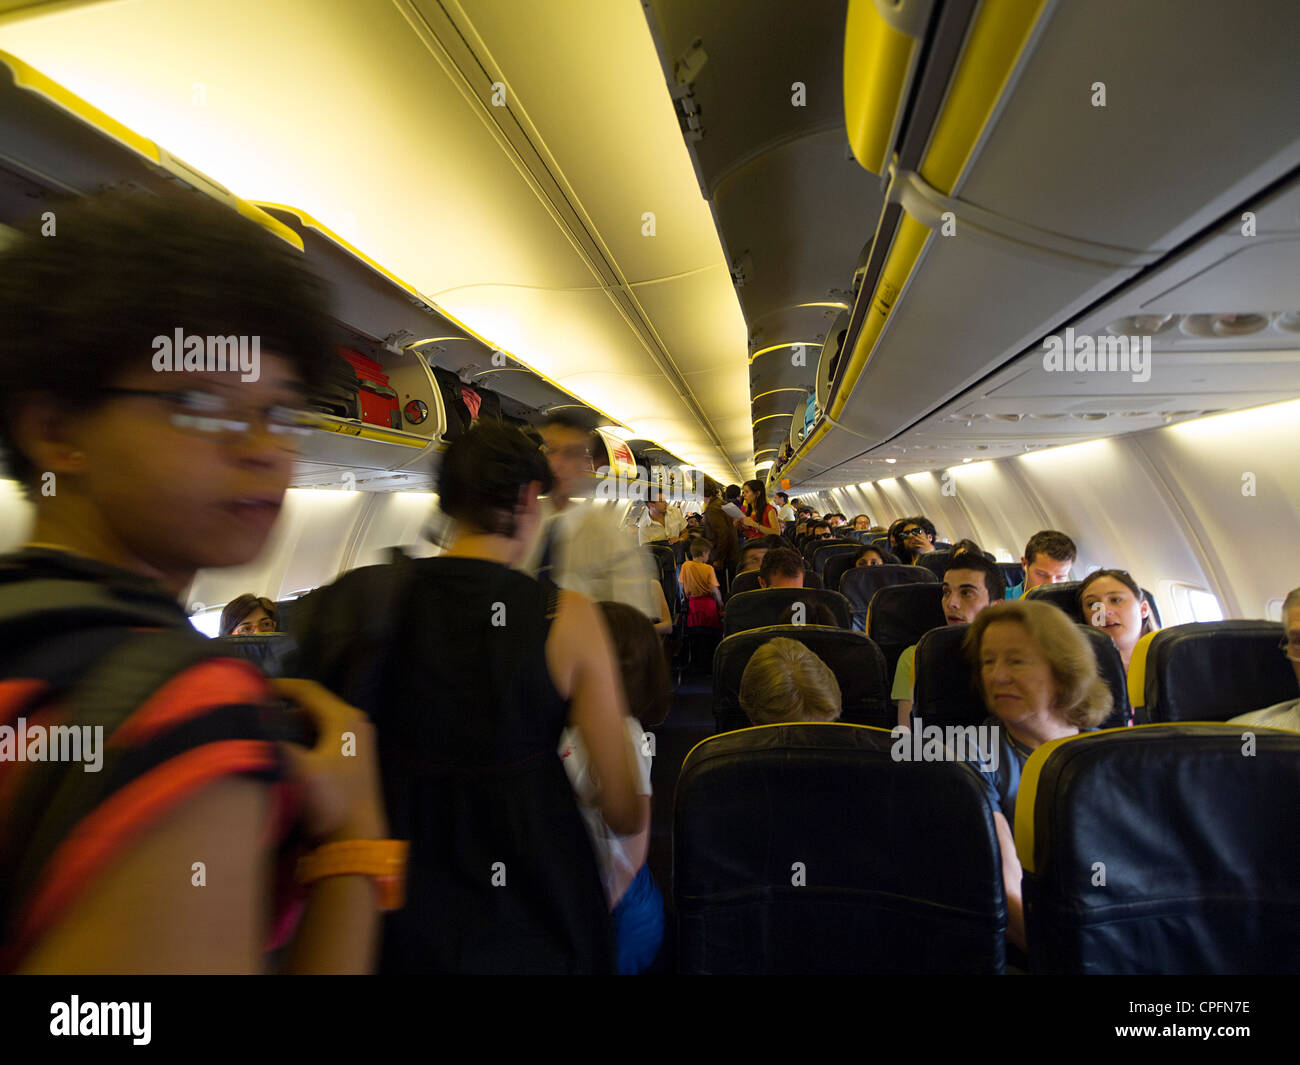 Ryanair Airplane Interior   Stock Image